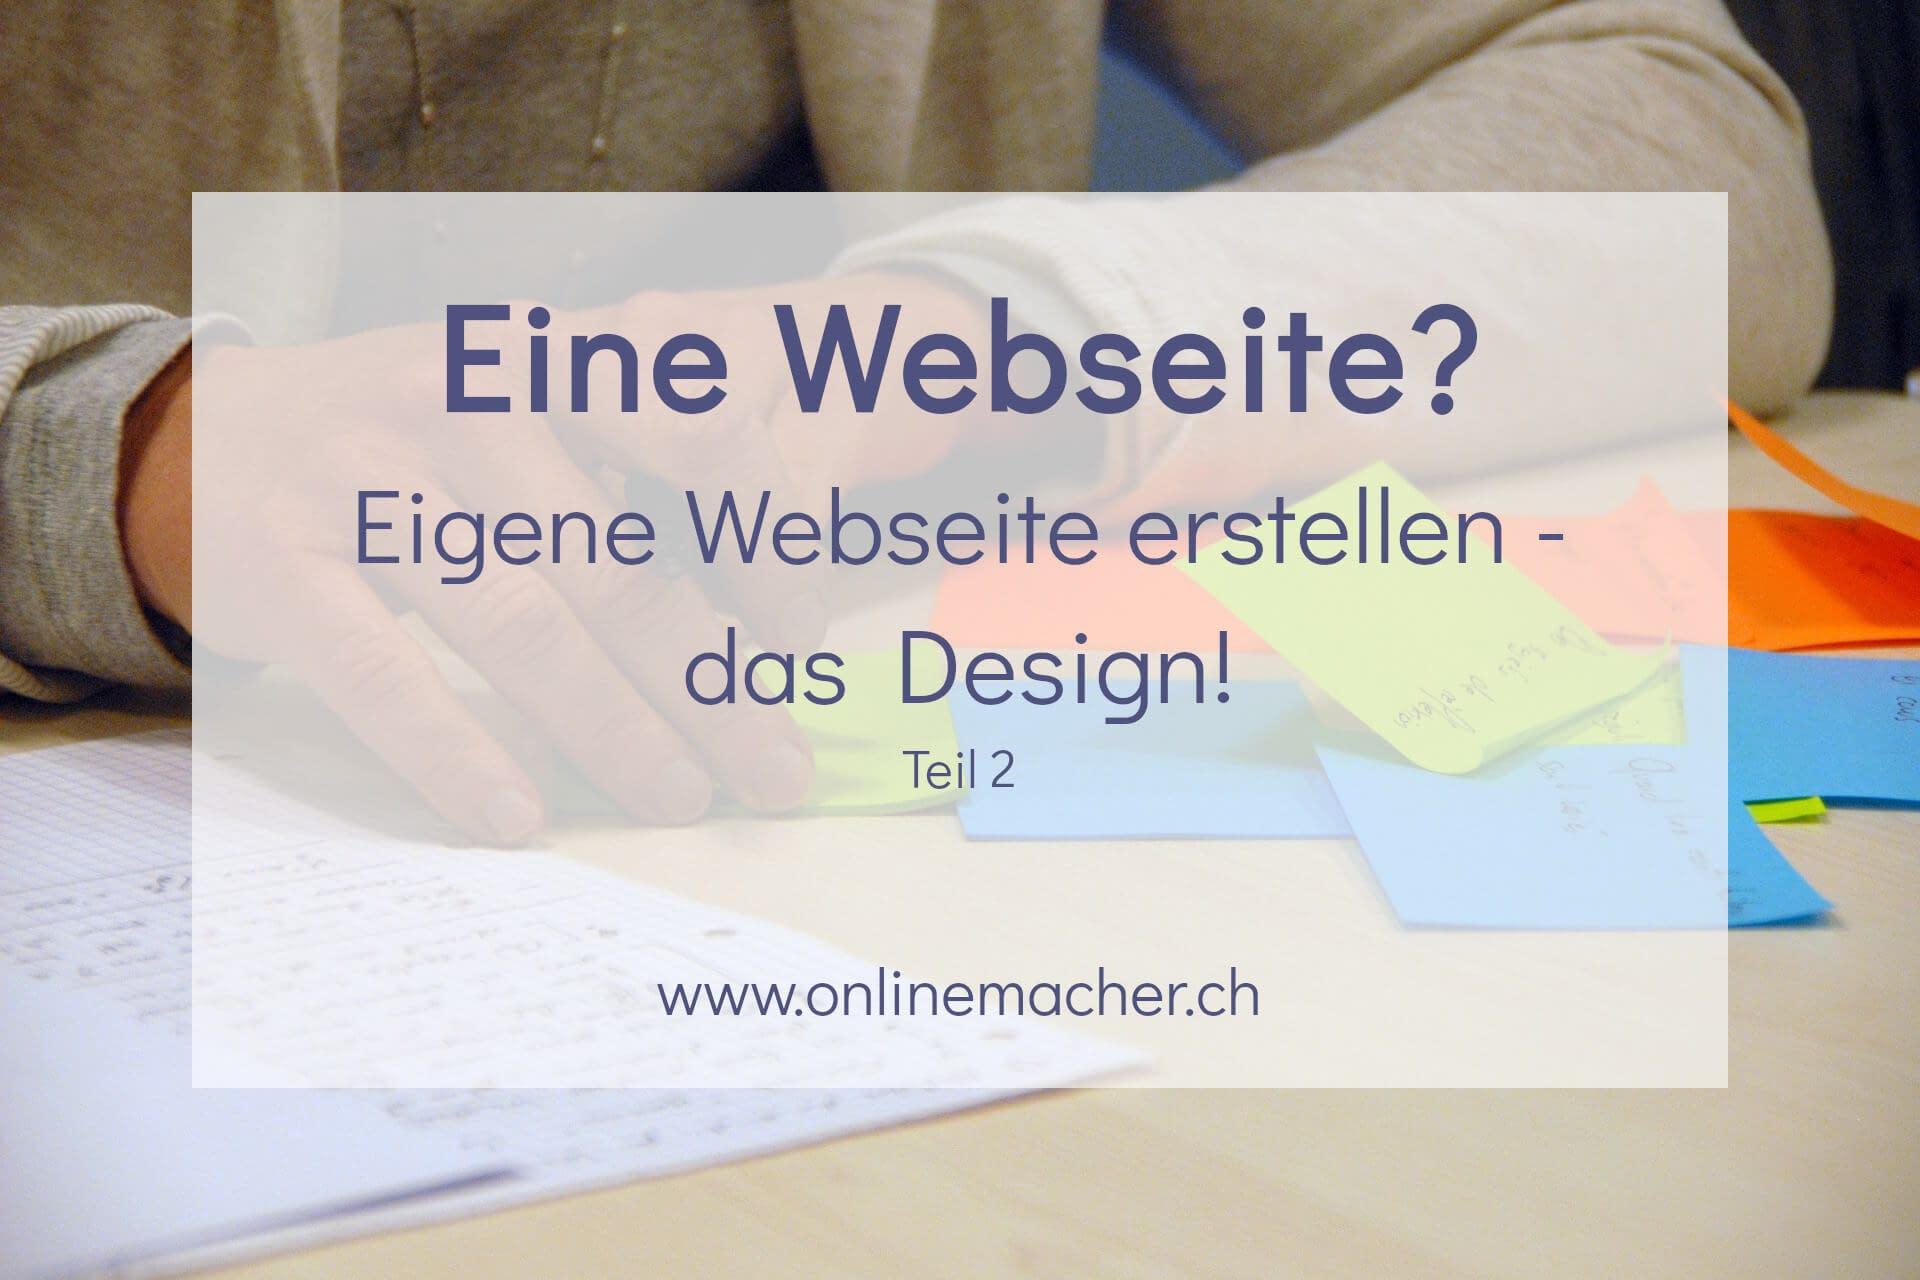 eigene-webseite-erstellen-teil-2